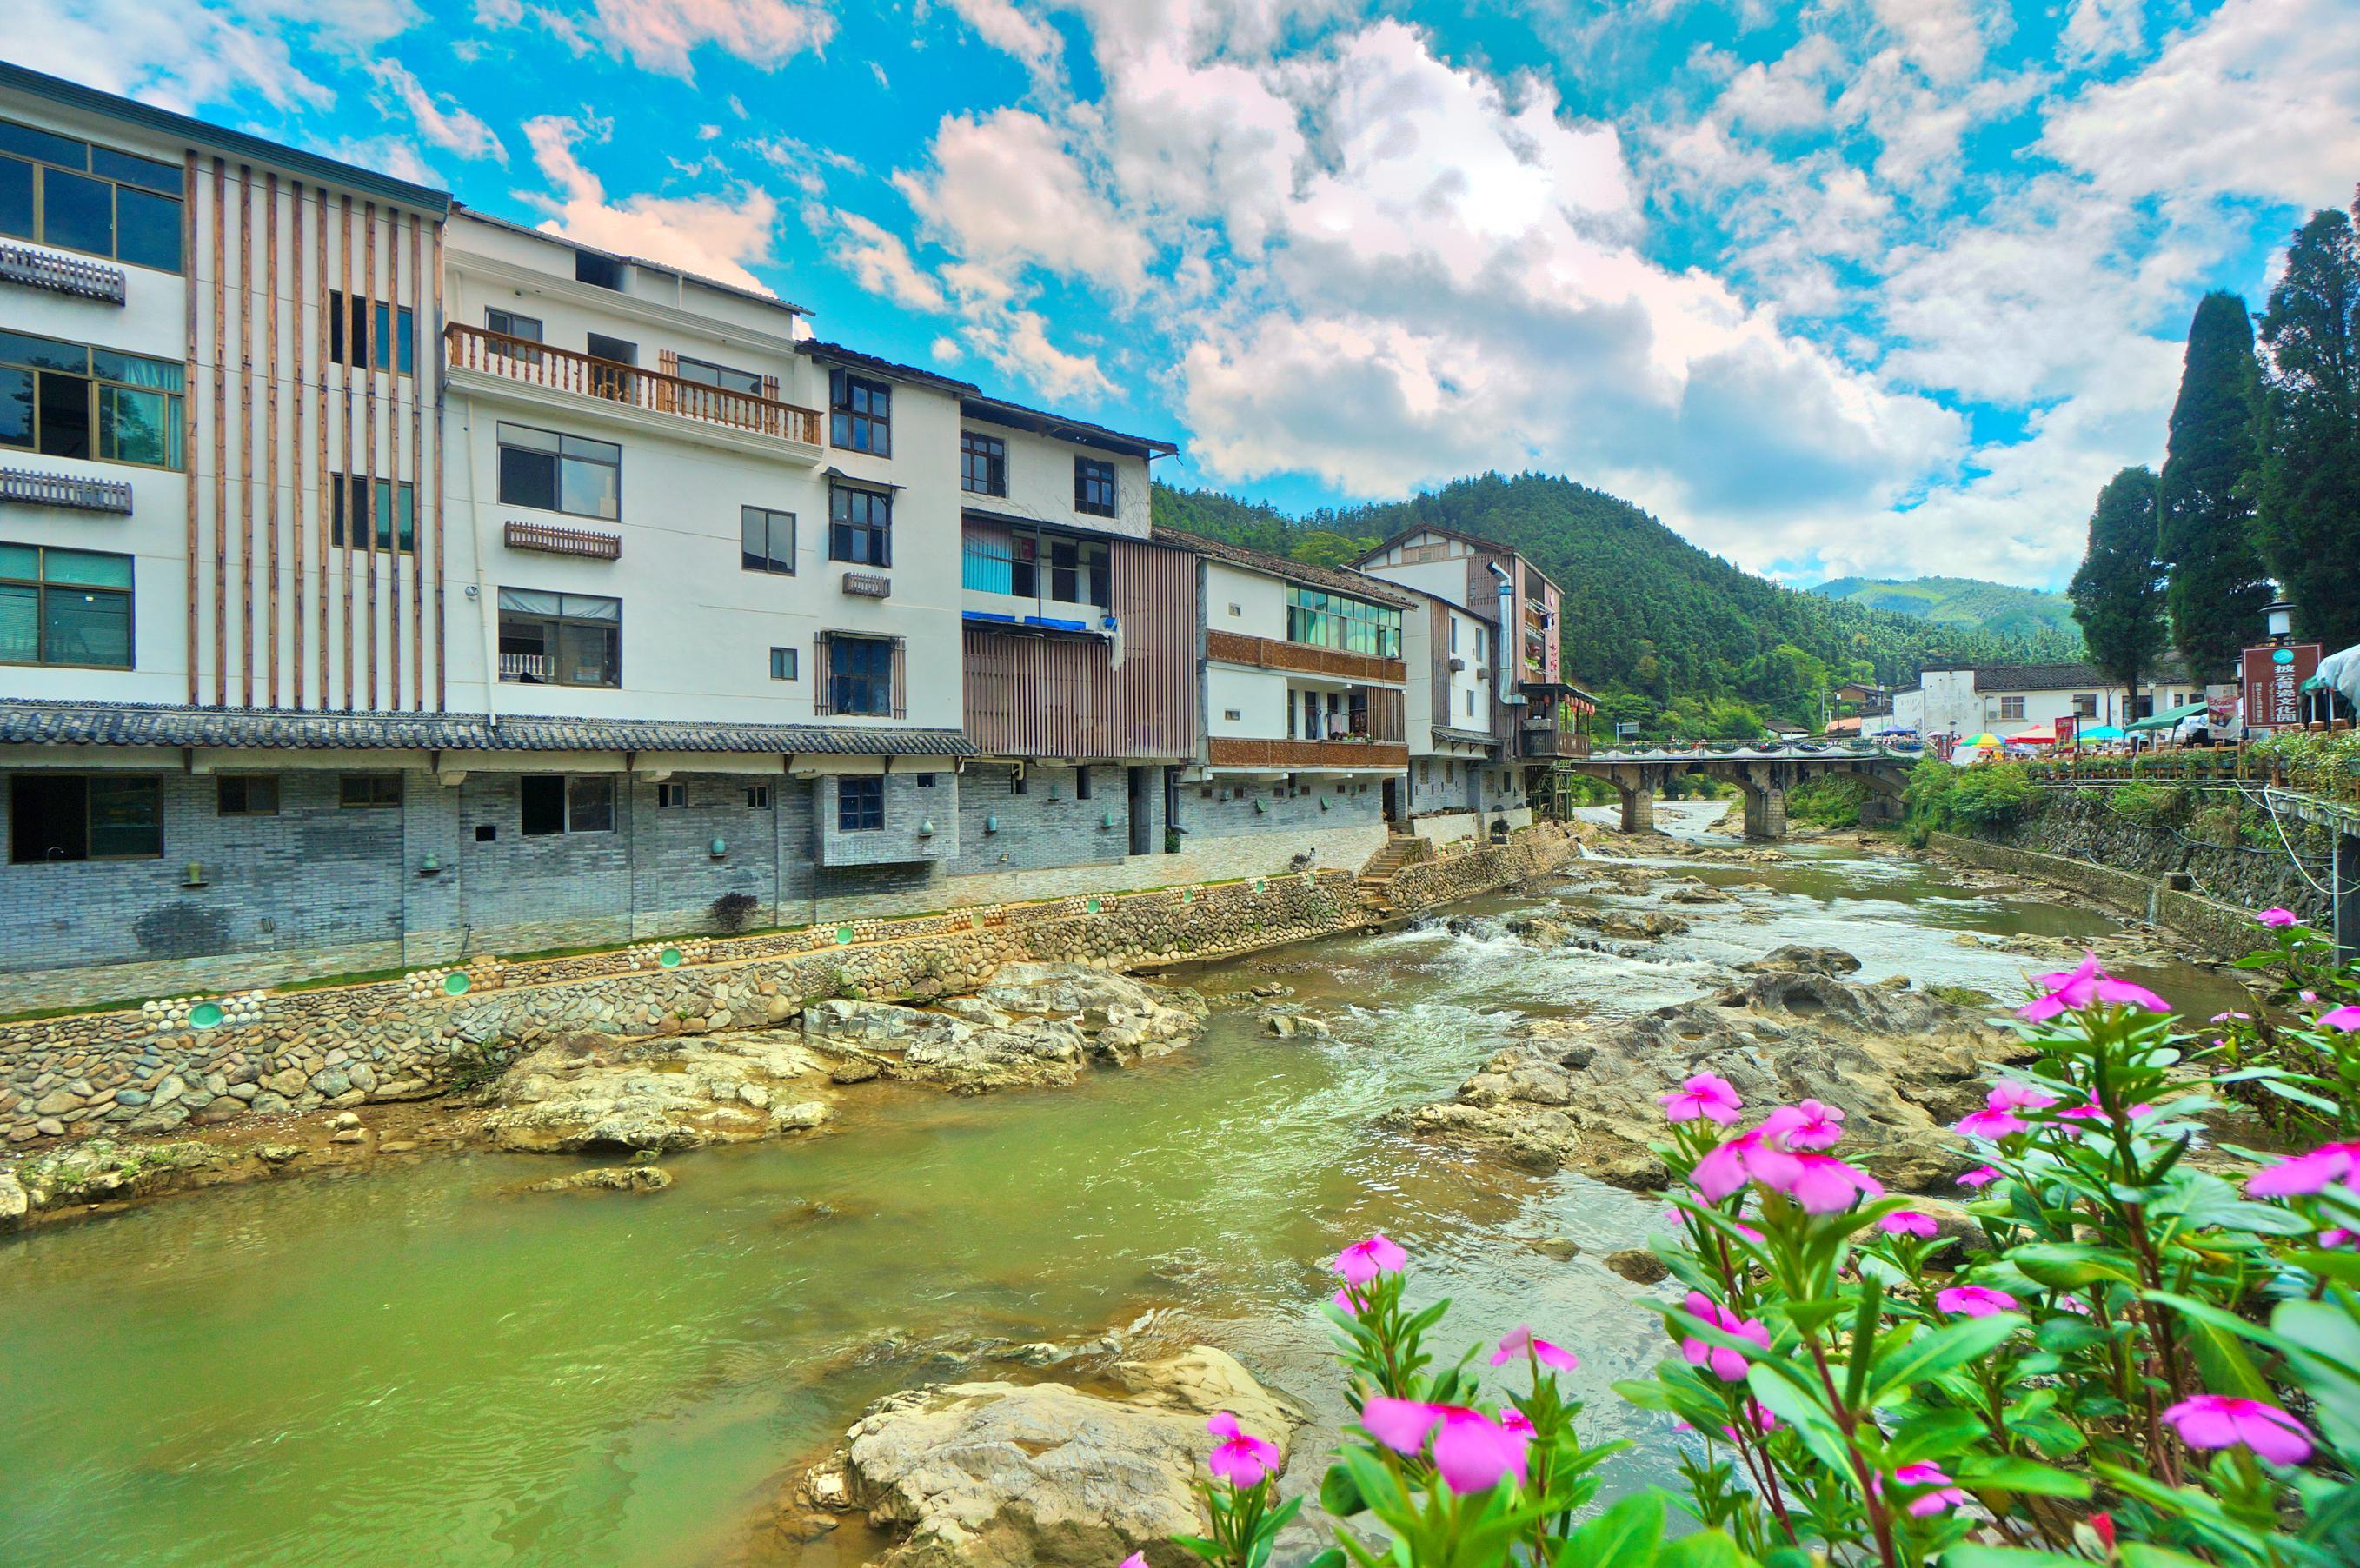 中國青瓷小鎮·披雲青瓷文化園